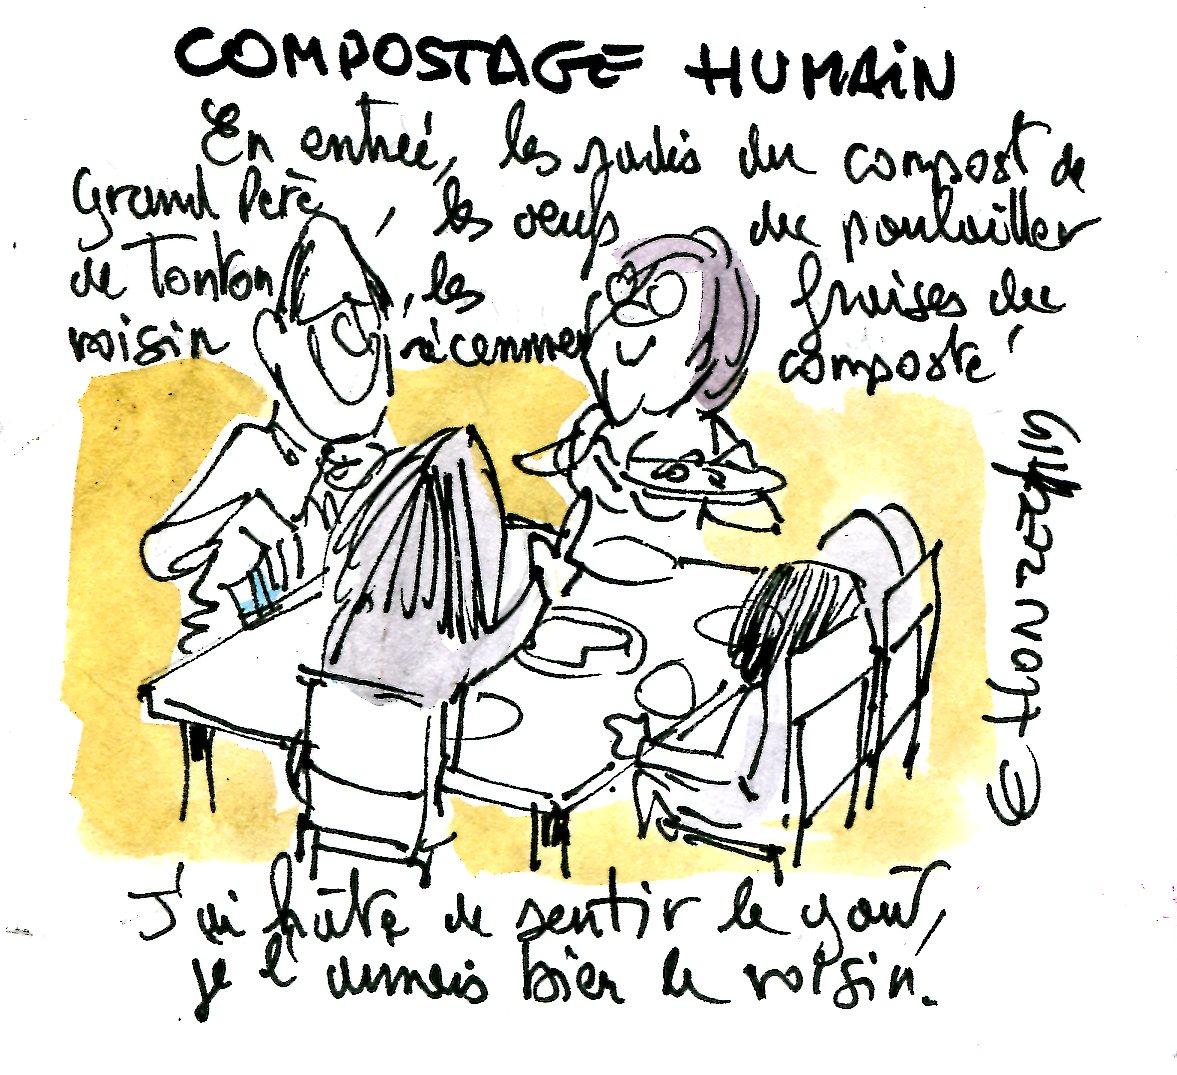 compost humain